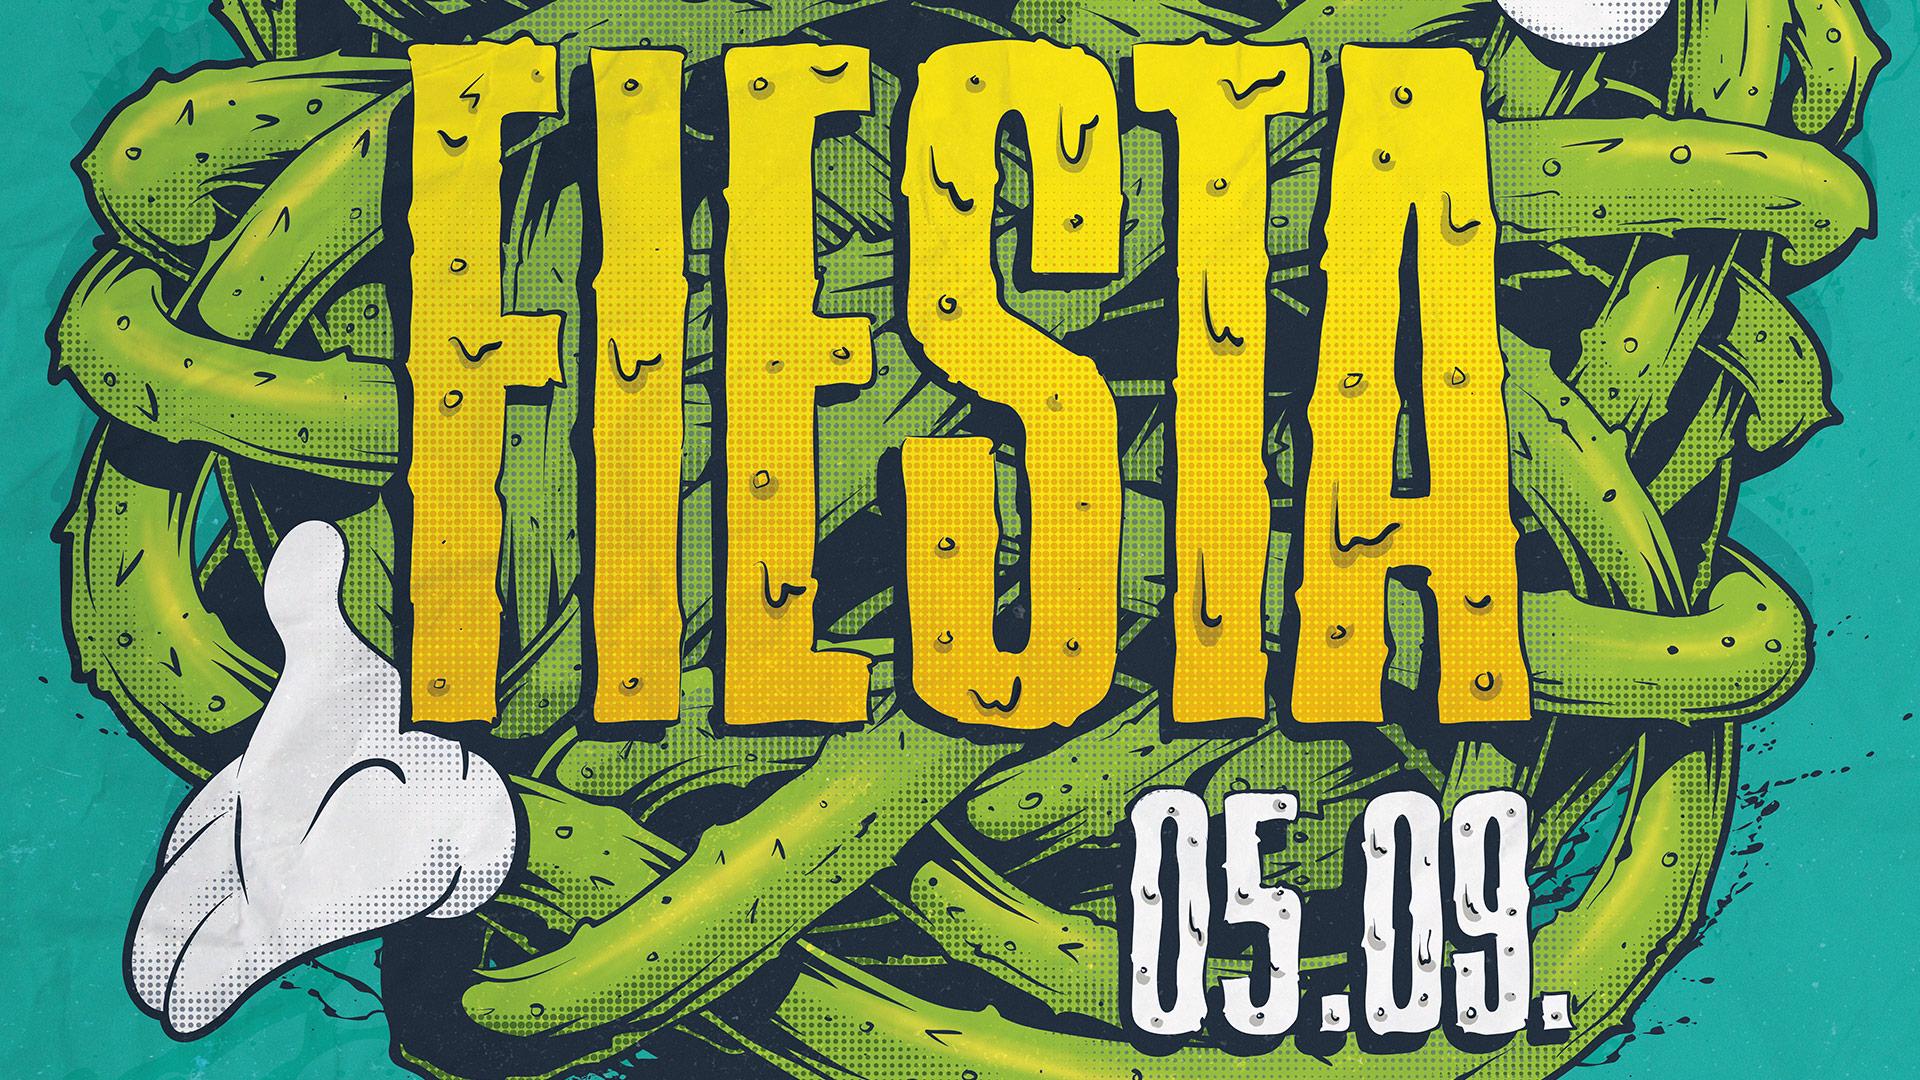 Gringos Fiesta 2015 | Poster Detail | Illustration By Artjom Meister | Art-mas.com